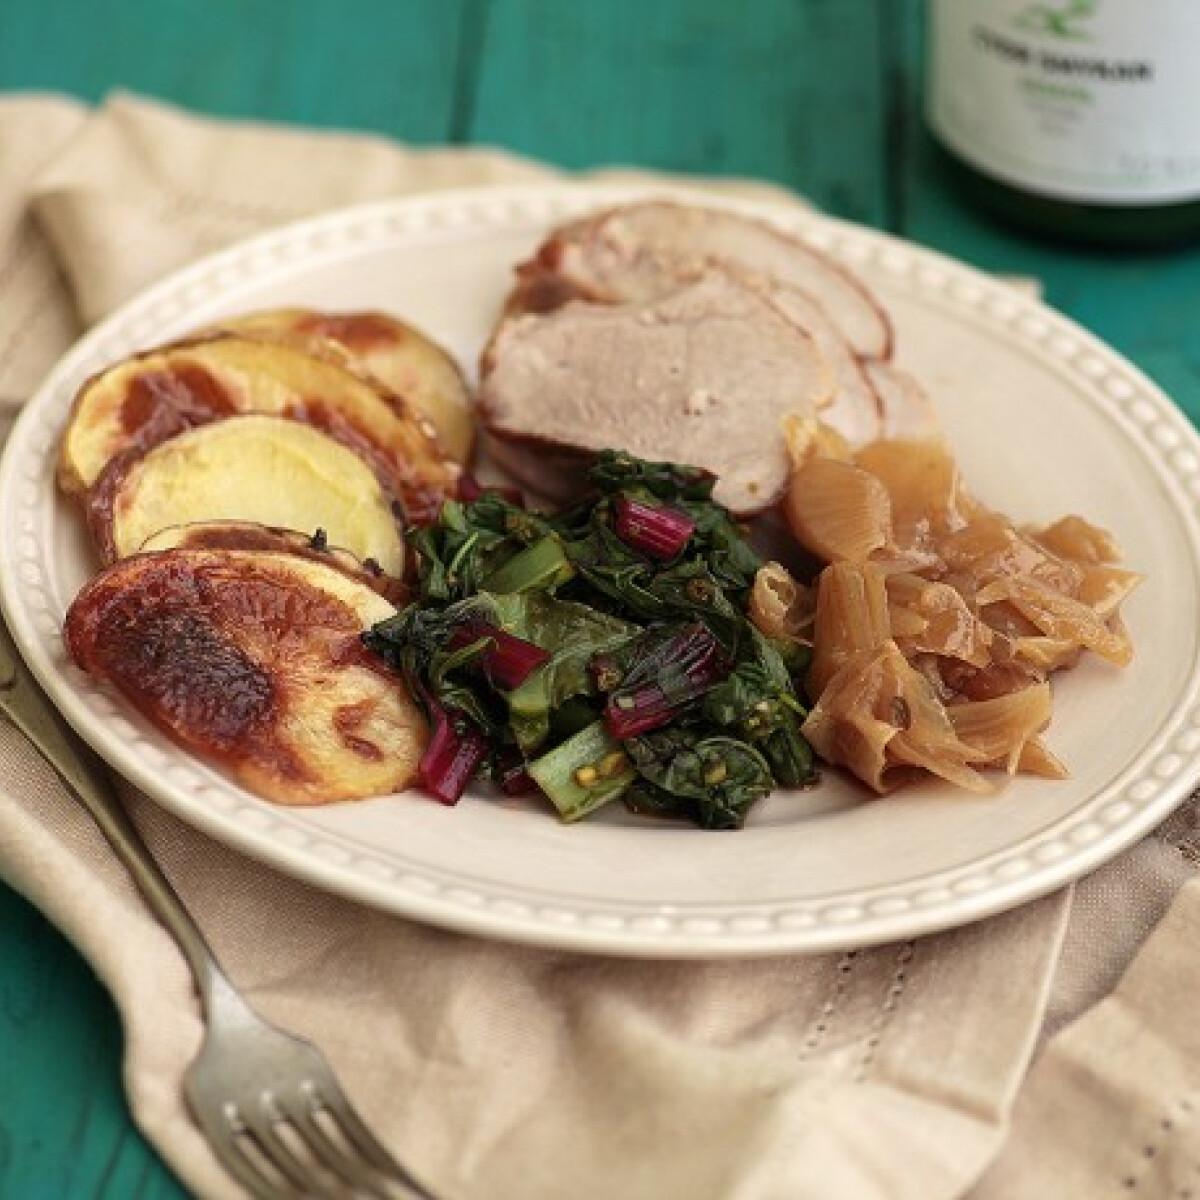 Omlós sertéssült roppanós krumplival és tavaszi zöldekkel